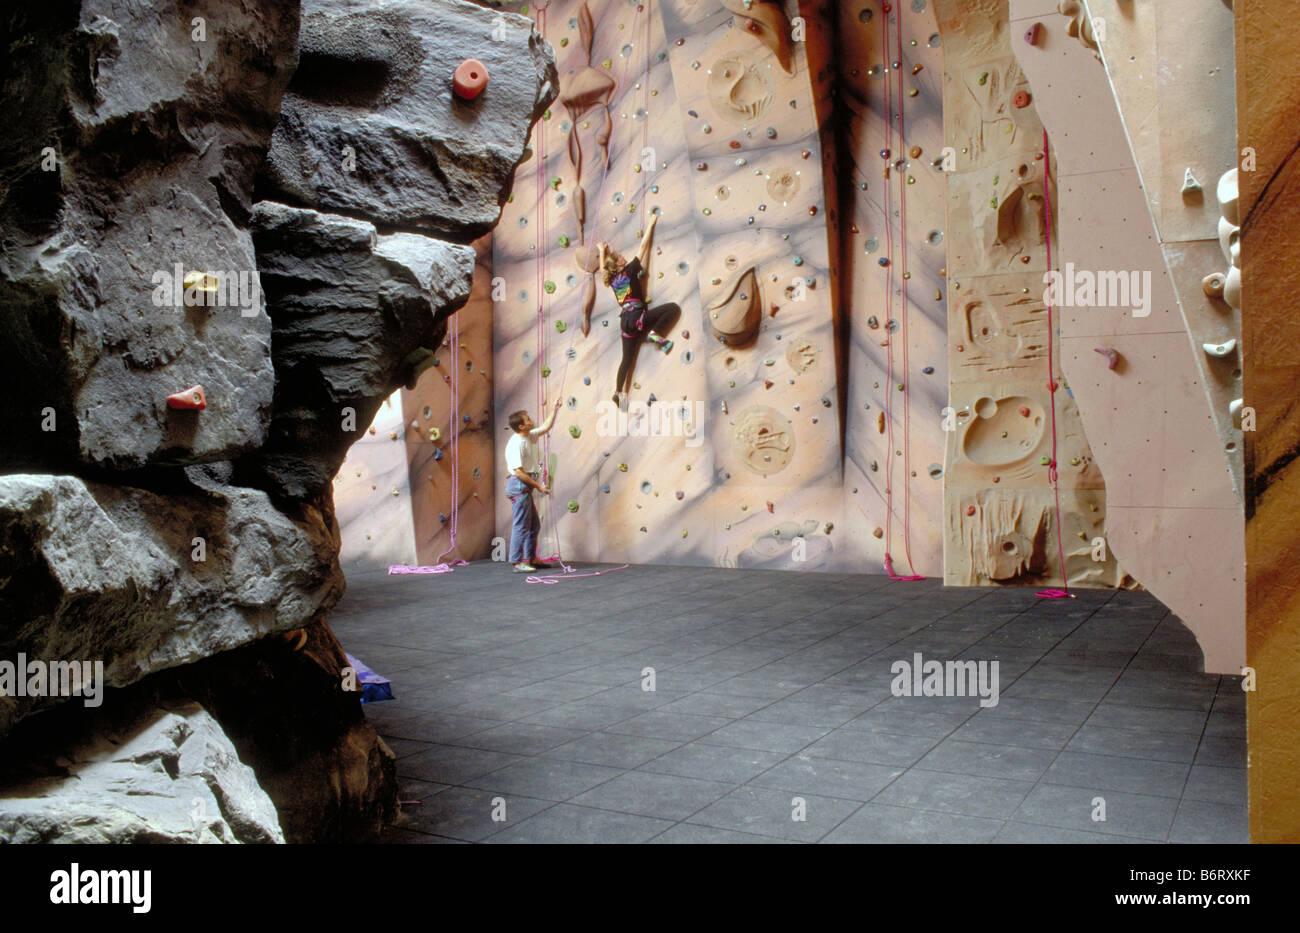 Climbers Climbing on Artificial Indoor Climbing Wall - Stock Image